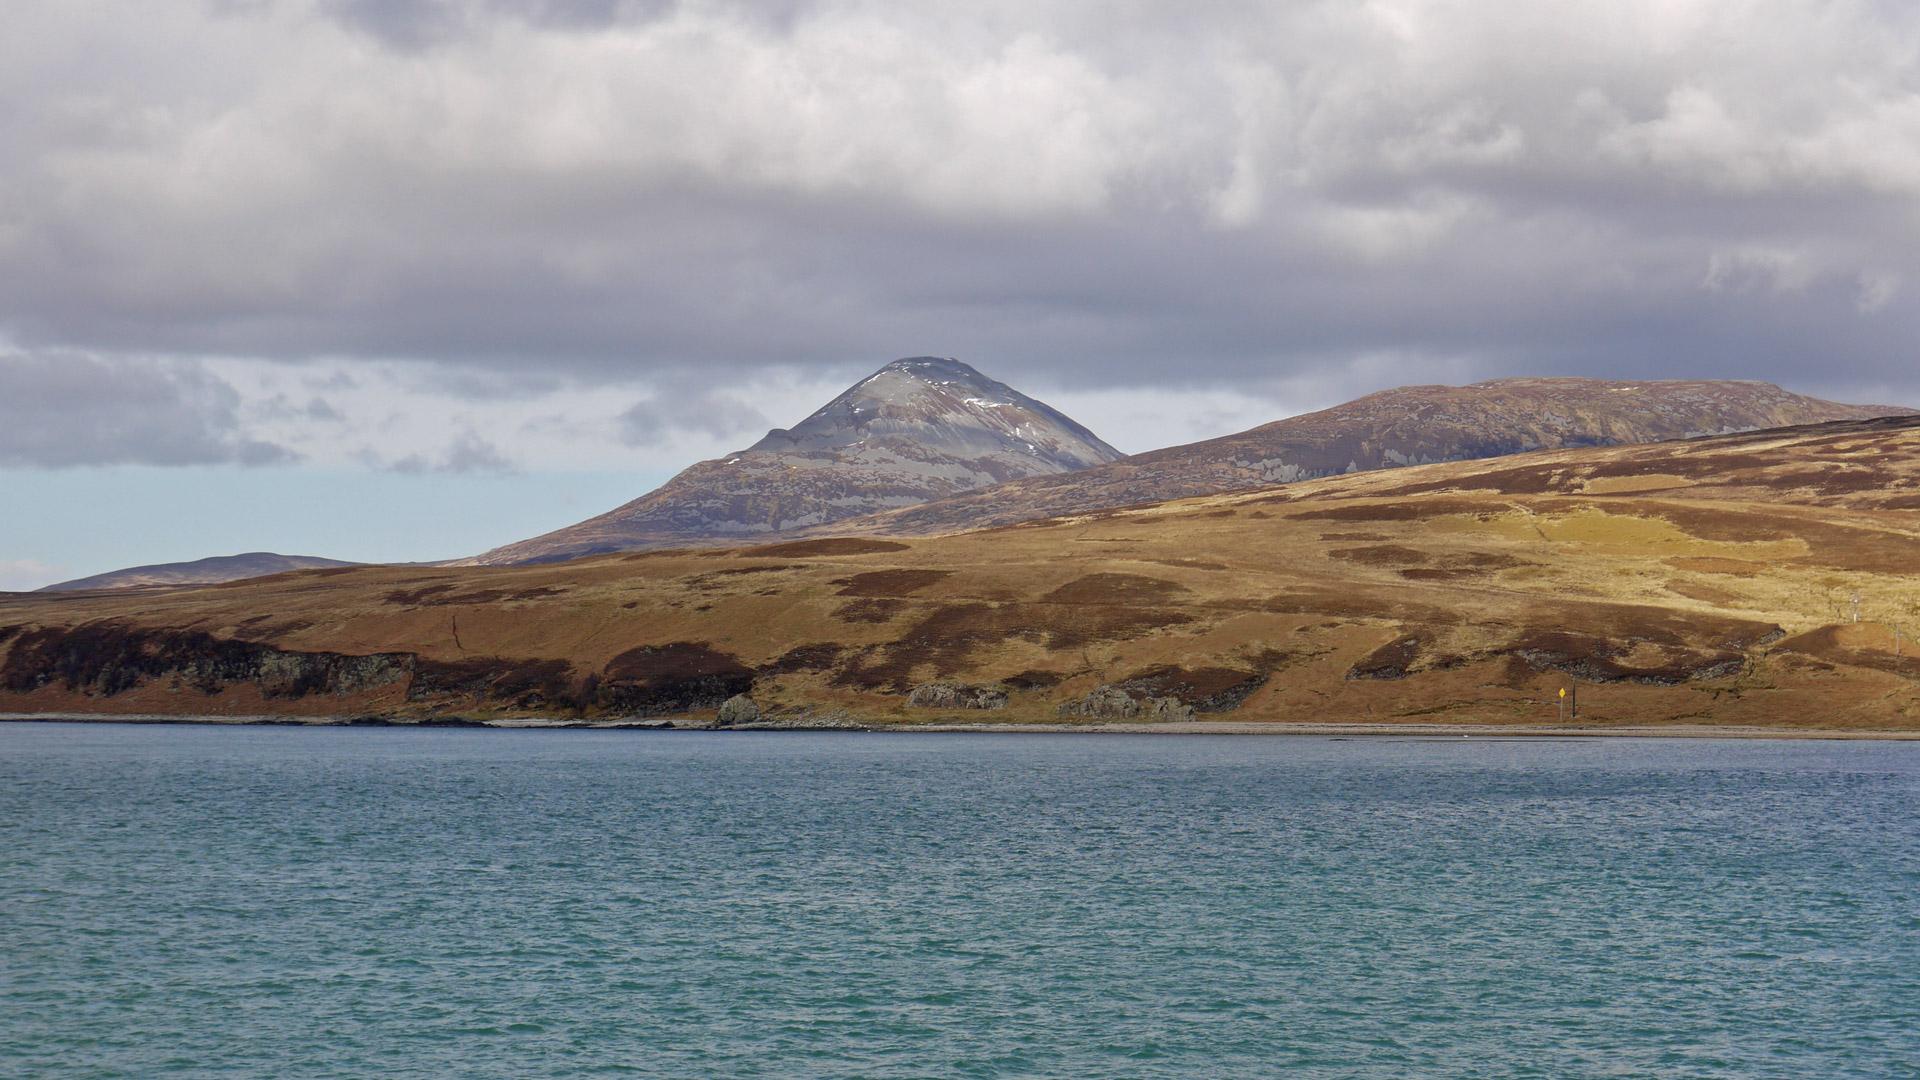 """Der Name Jura stammt aus dem Altnordischen und bedeutet """"Hirschinsel"""". Es gibt auf der Insel über 5.500 Rothirsche - und rund 180 Einwohner. (Foto: Malt Whisky)"""